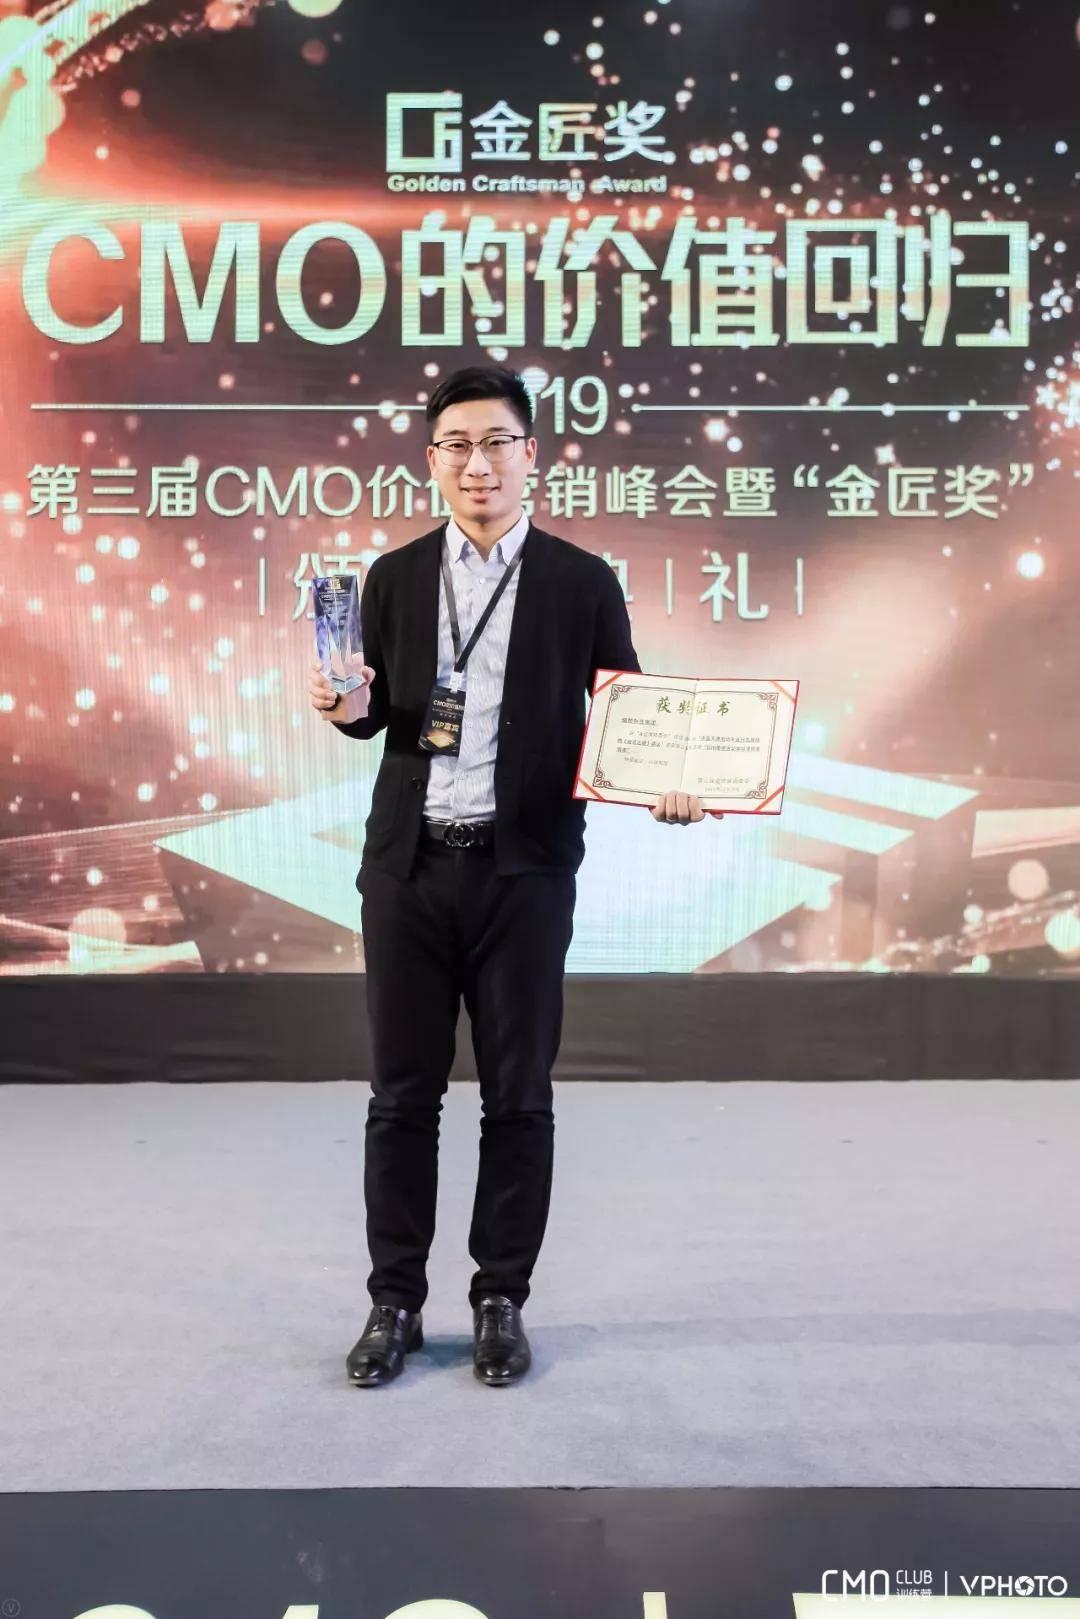 行业品牌营销的领头羊!绿色能源连续两年获得金匠奖背后的创新精神!